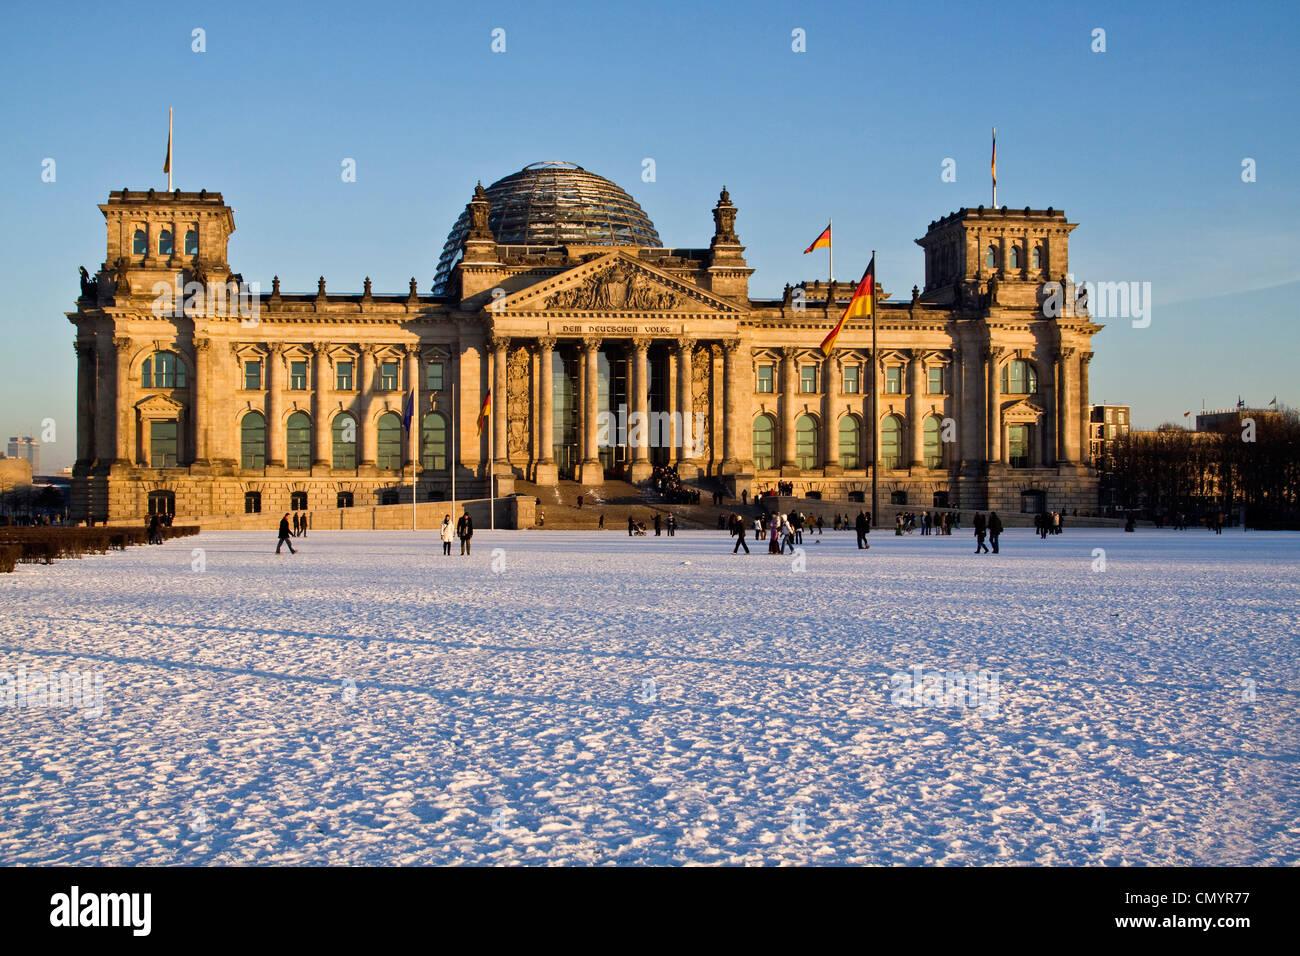 Reichstagsgebäude im Winter mit Schnee, im Freien, Berlin, Deutschland, Europa Stockfoto